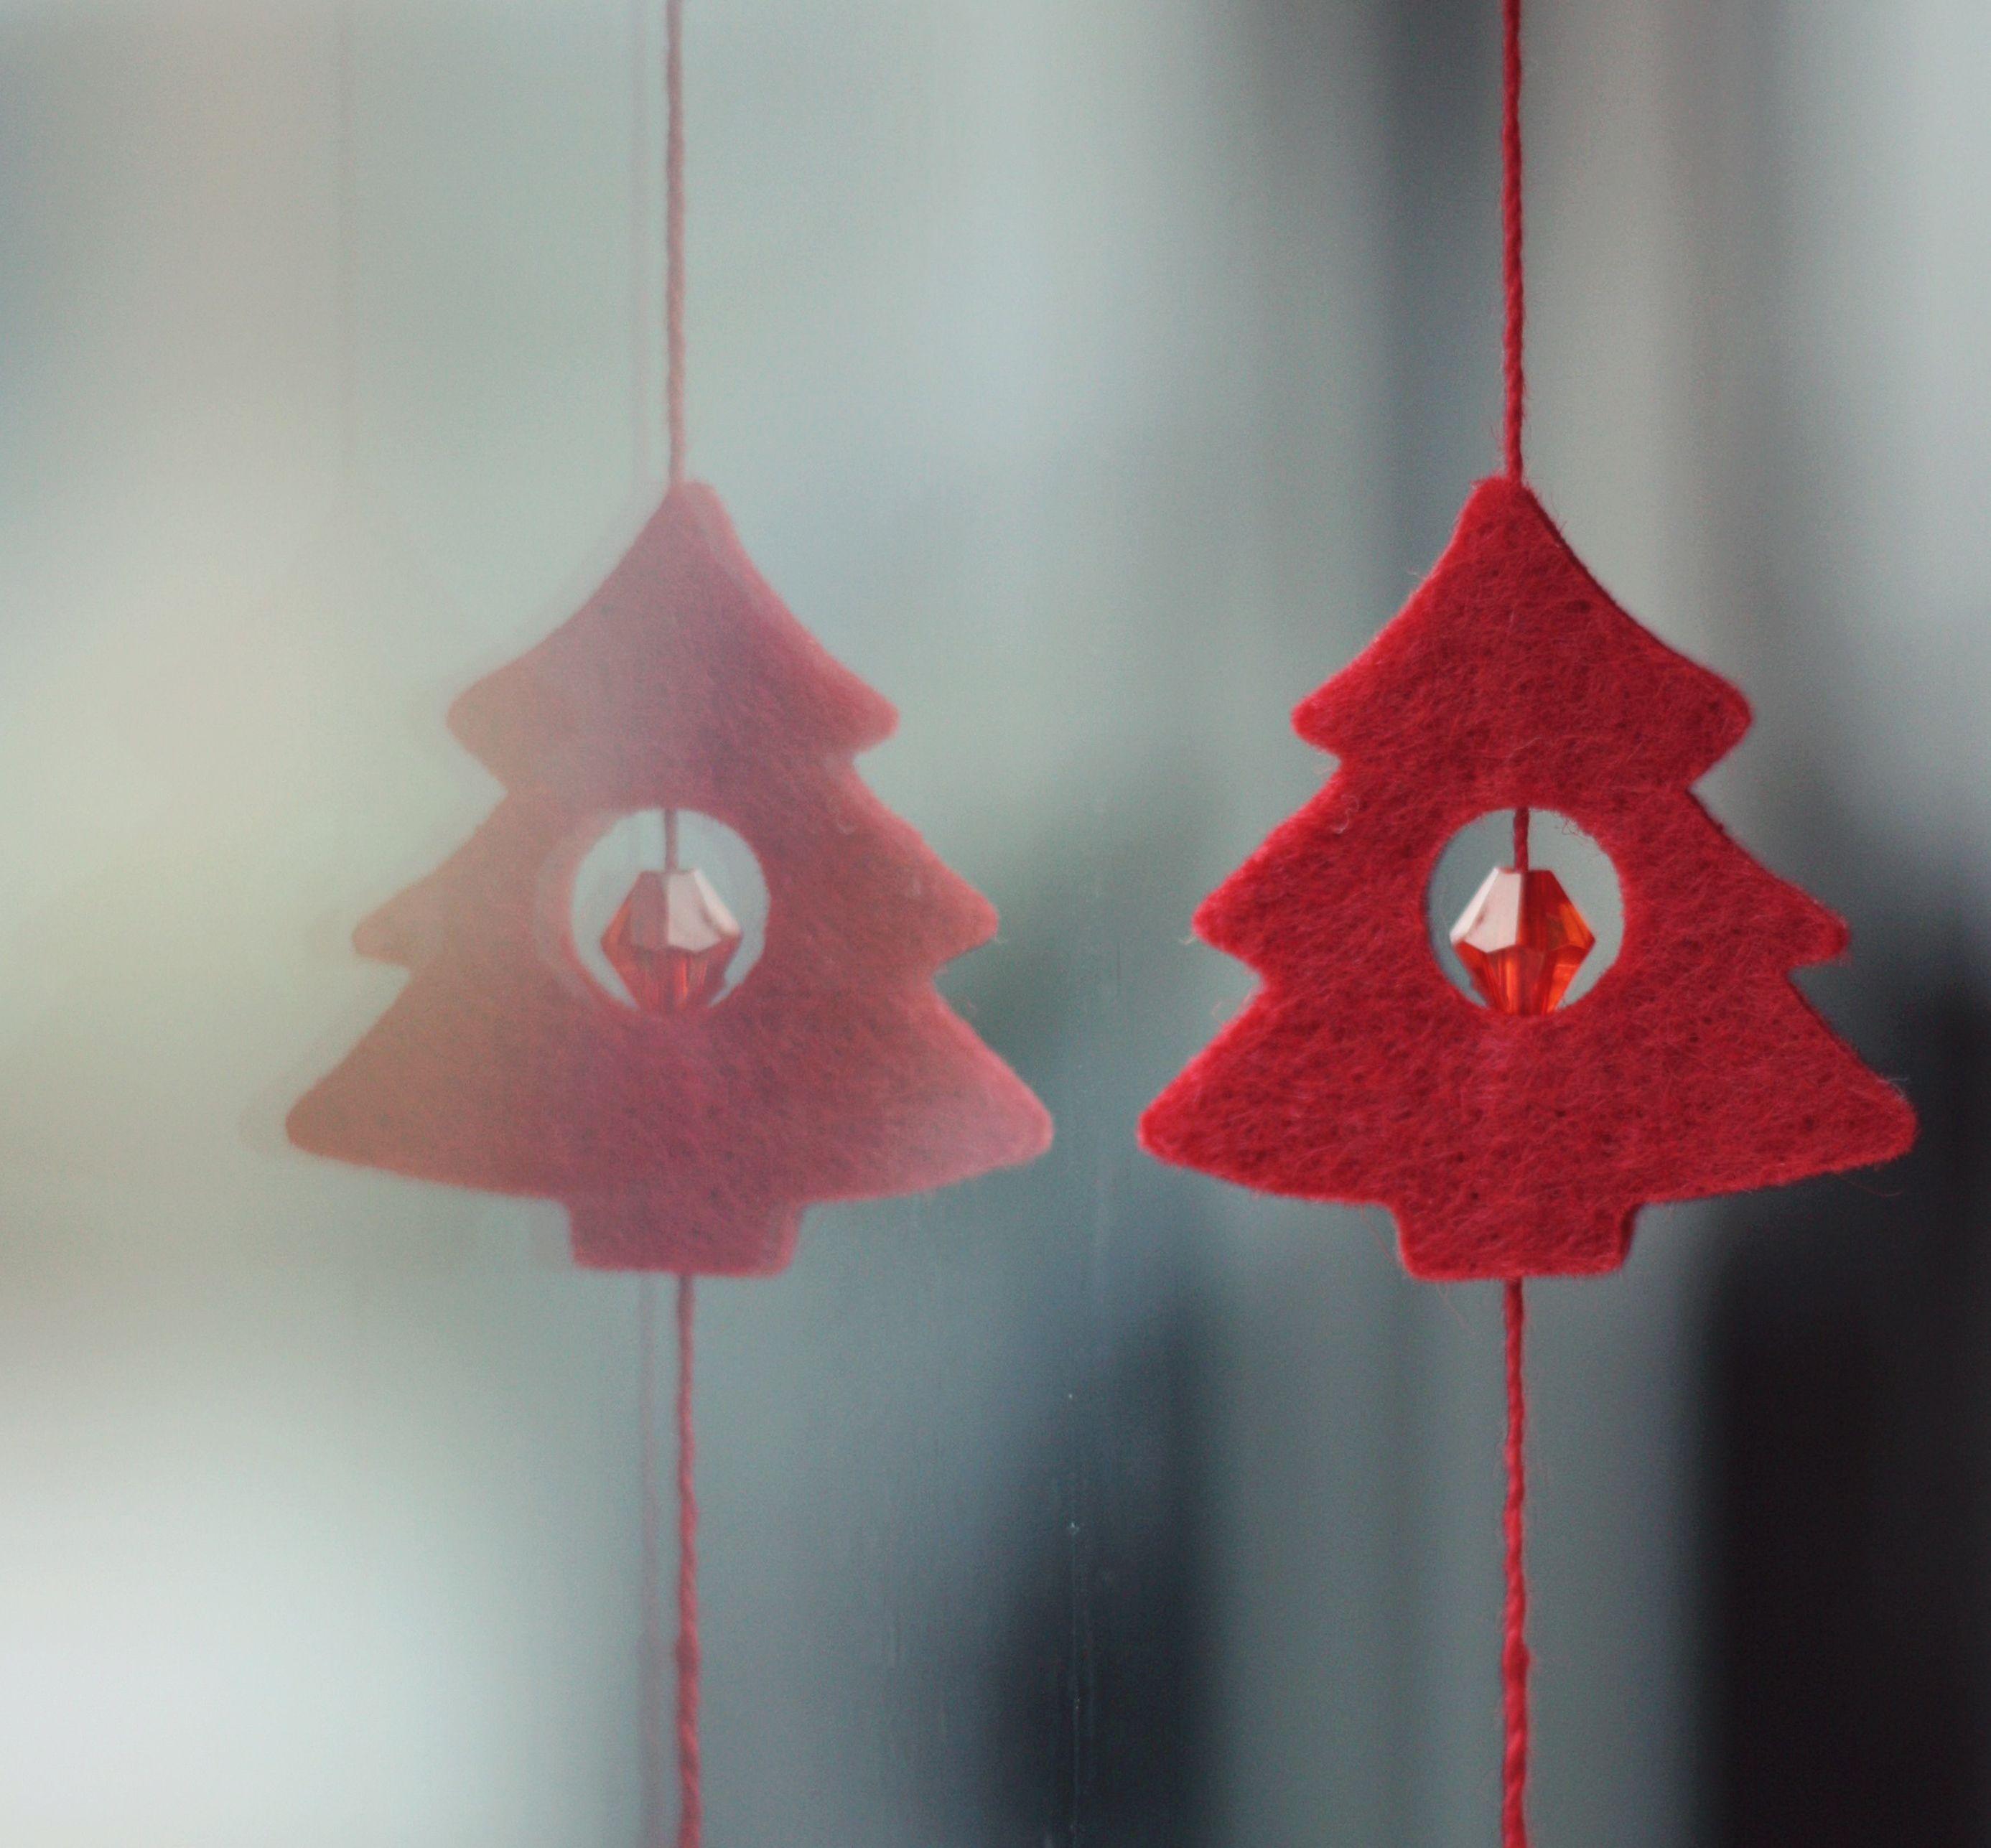 Lavoretti Di Natale Veloci E Facili.20 Lavoretti Di Natale Fai Da Te Sfiziosi E Facili